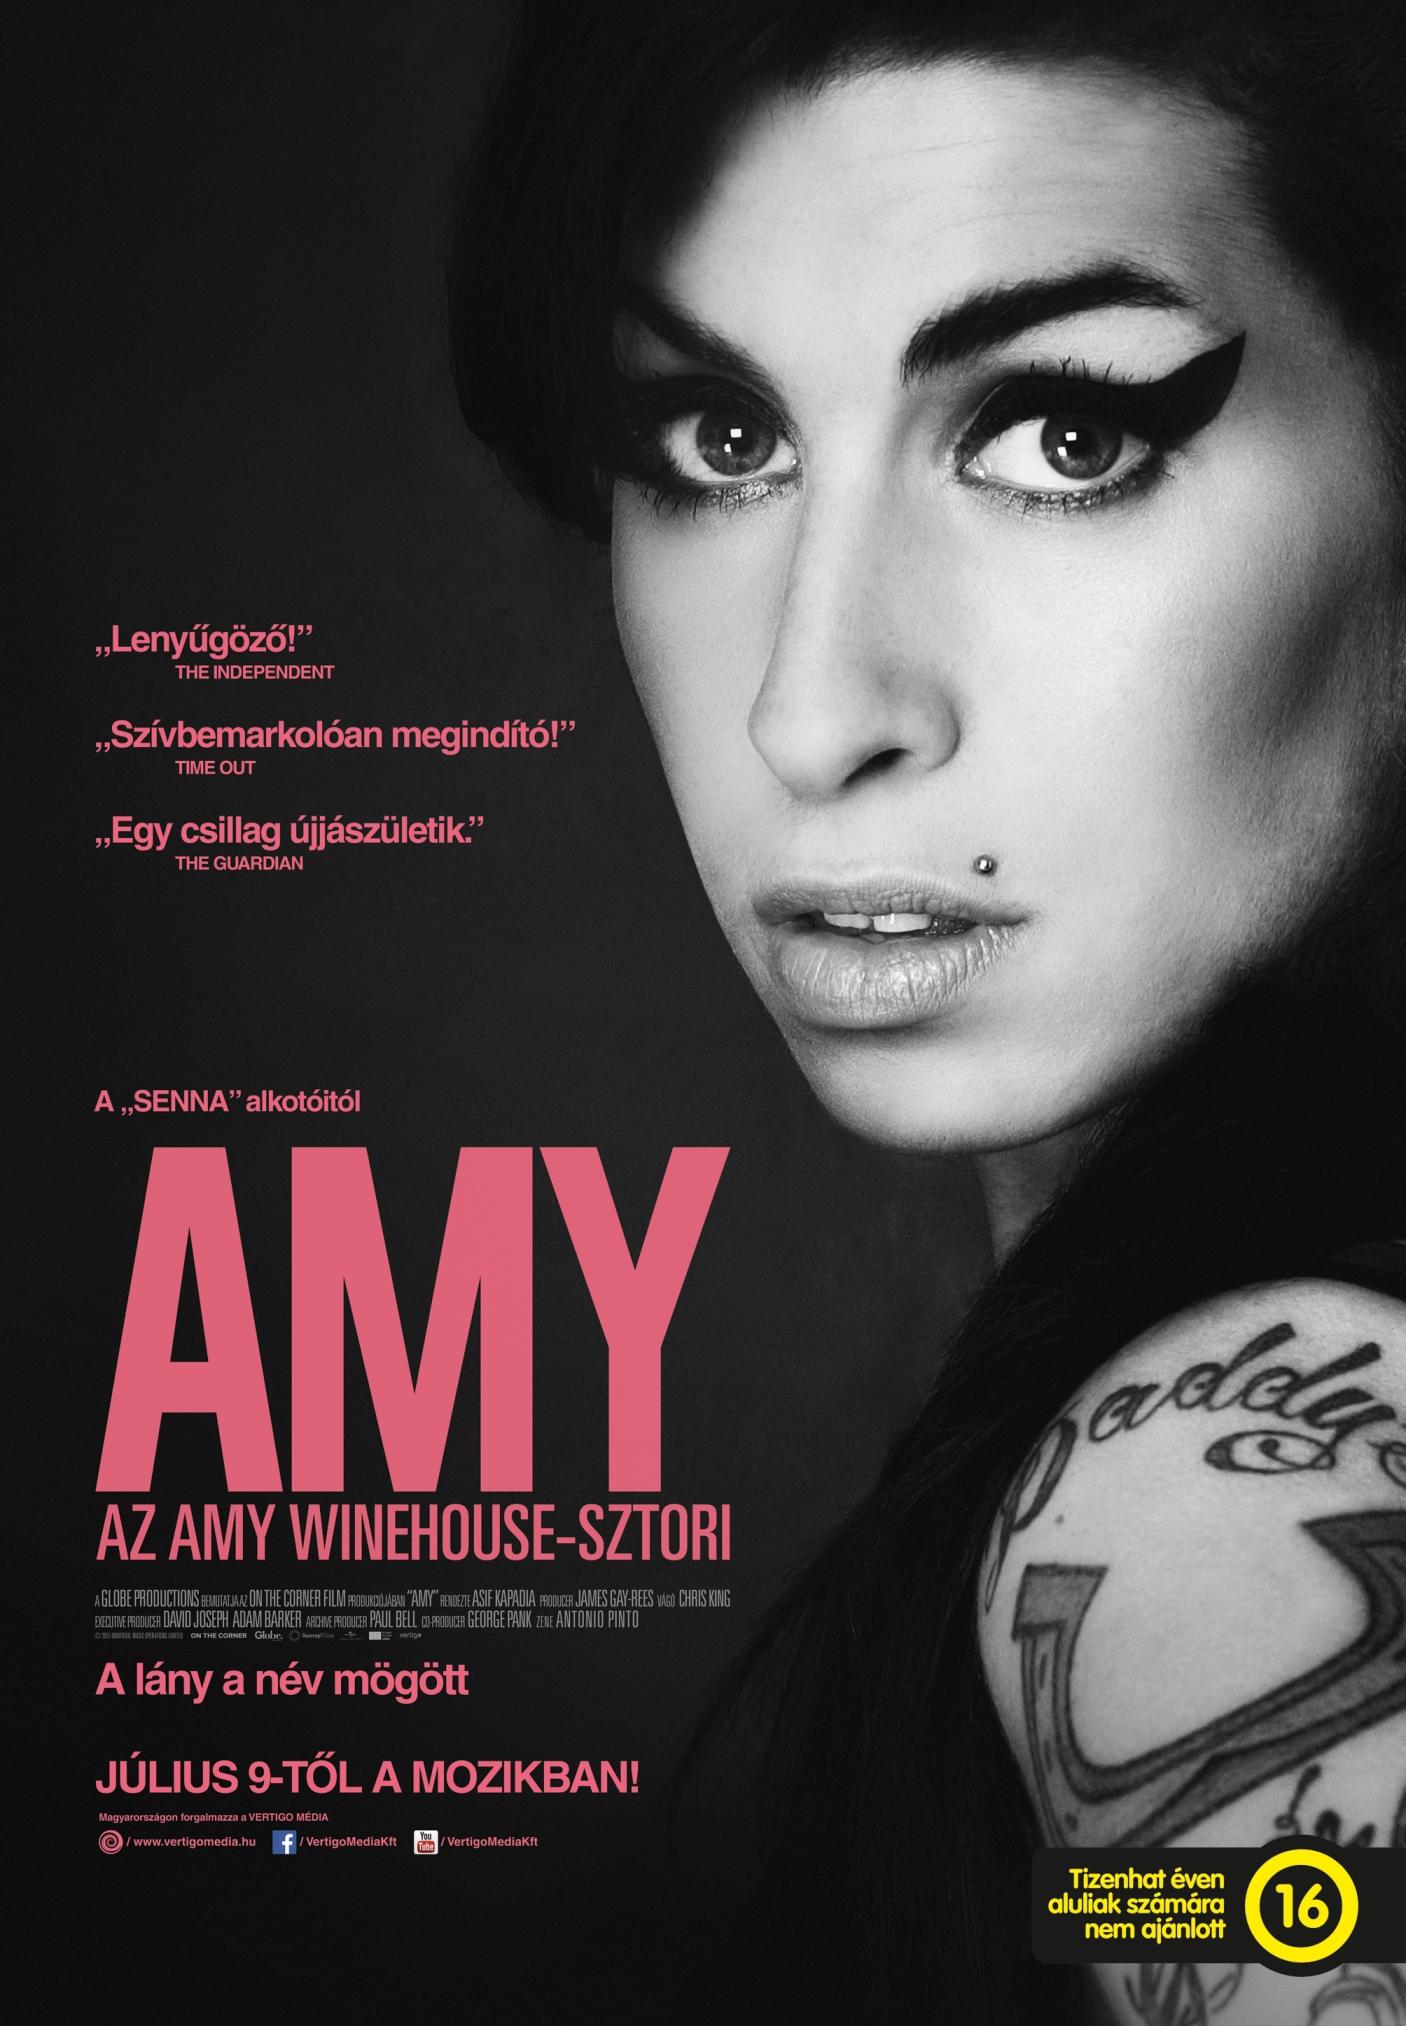 amy-amy_winehouse-sztori_plakat.jpg